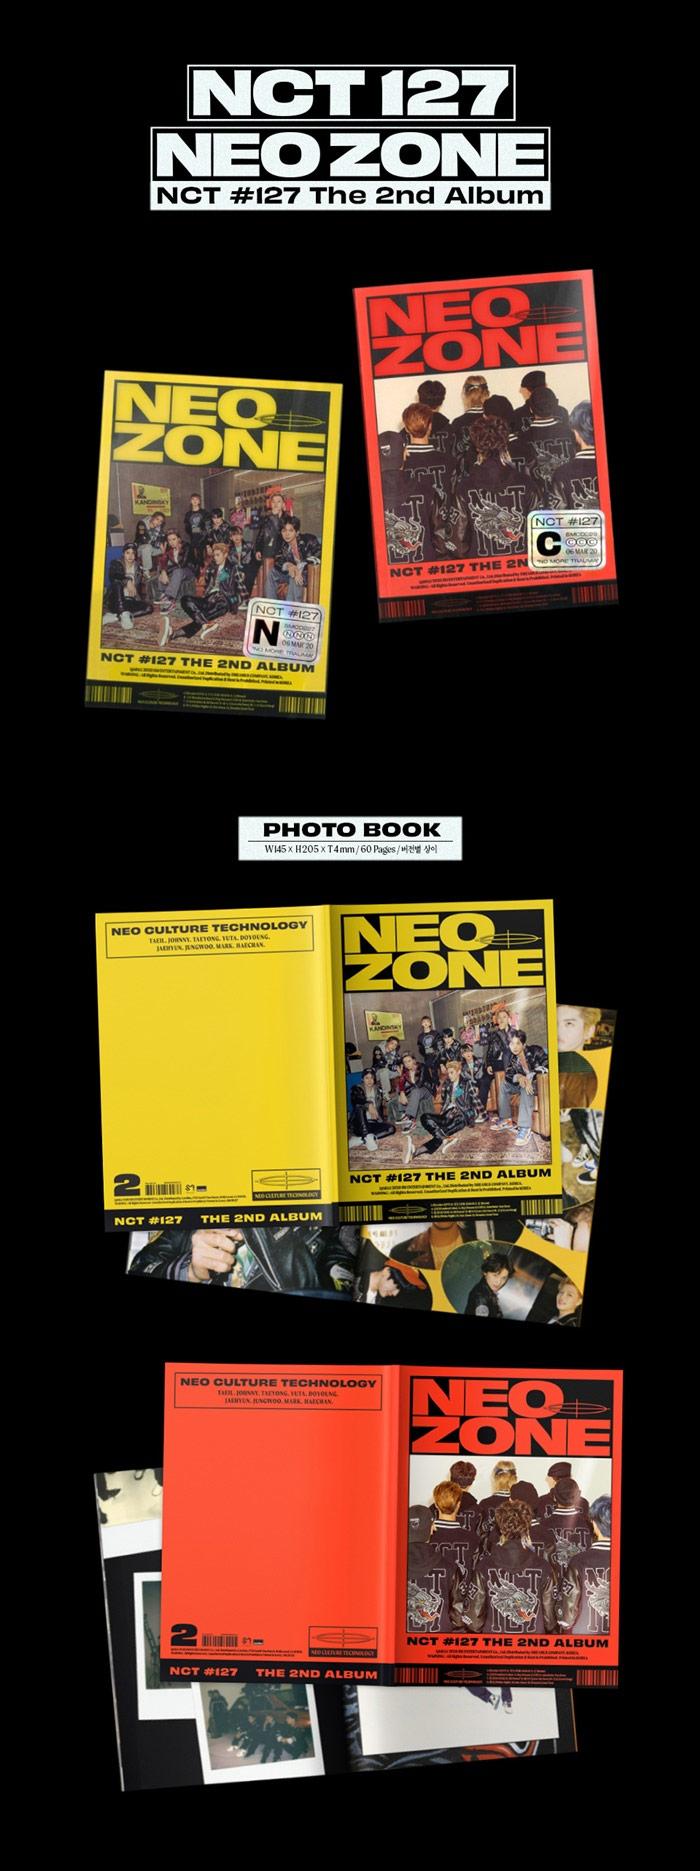 nct_neozone-1